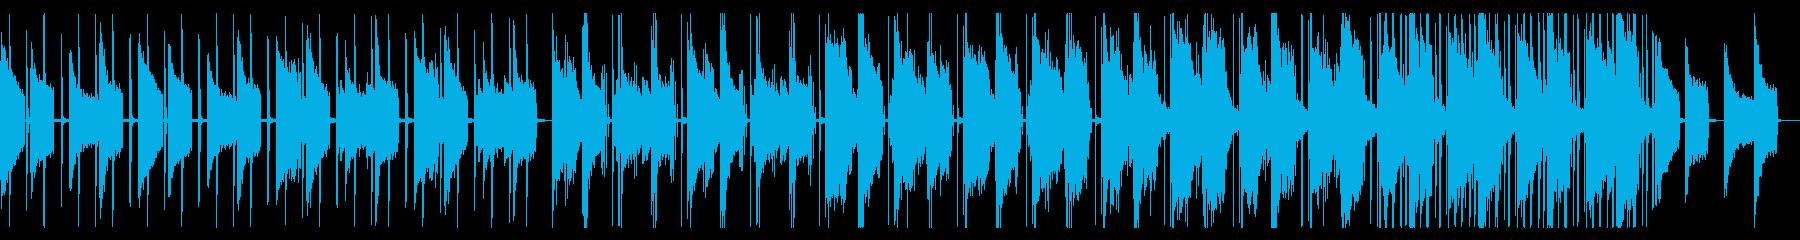 ピアノとベルの落ち着いたヒップホップの再生済みの波形